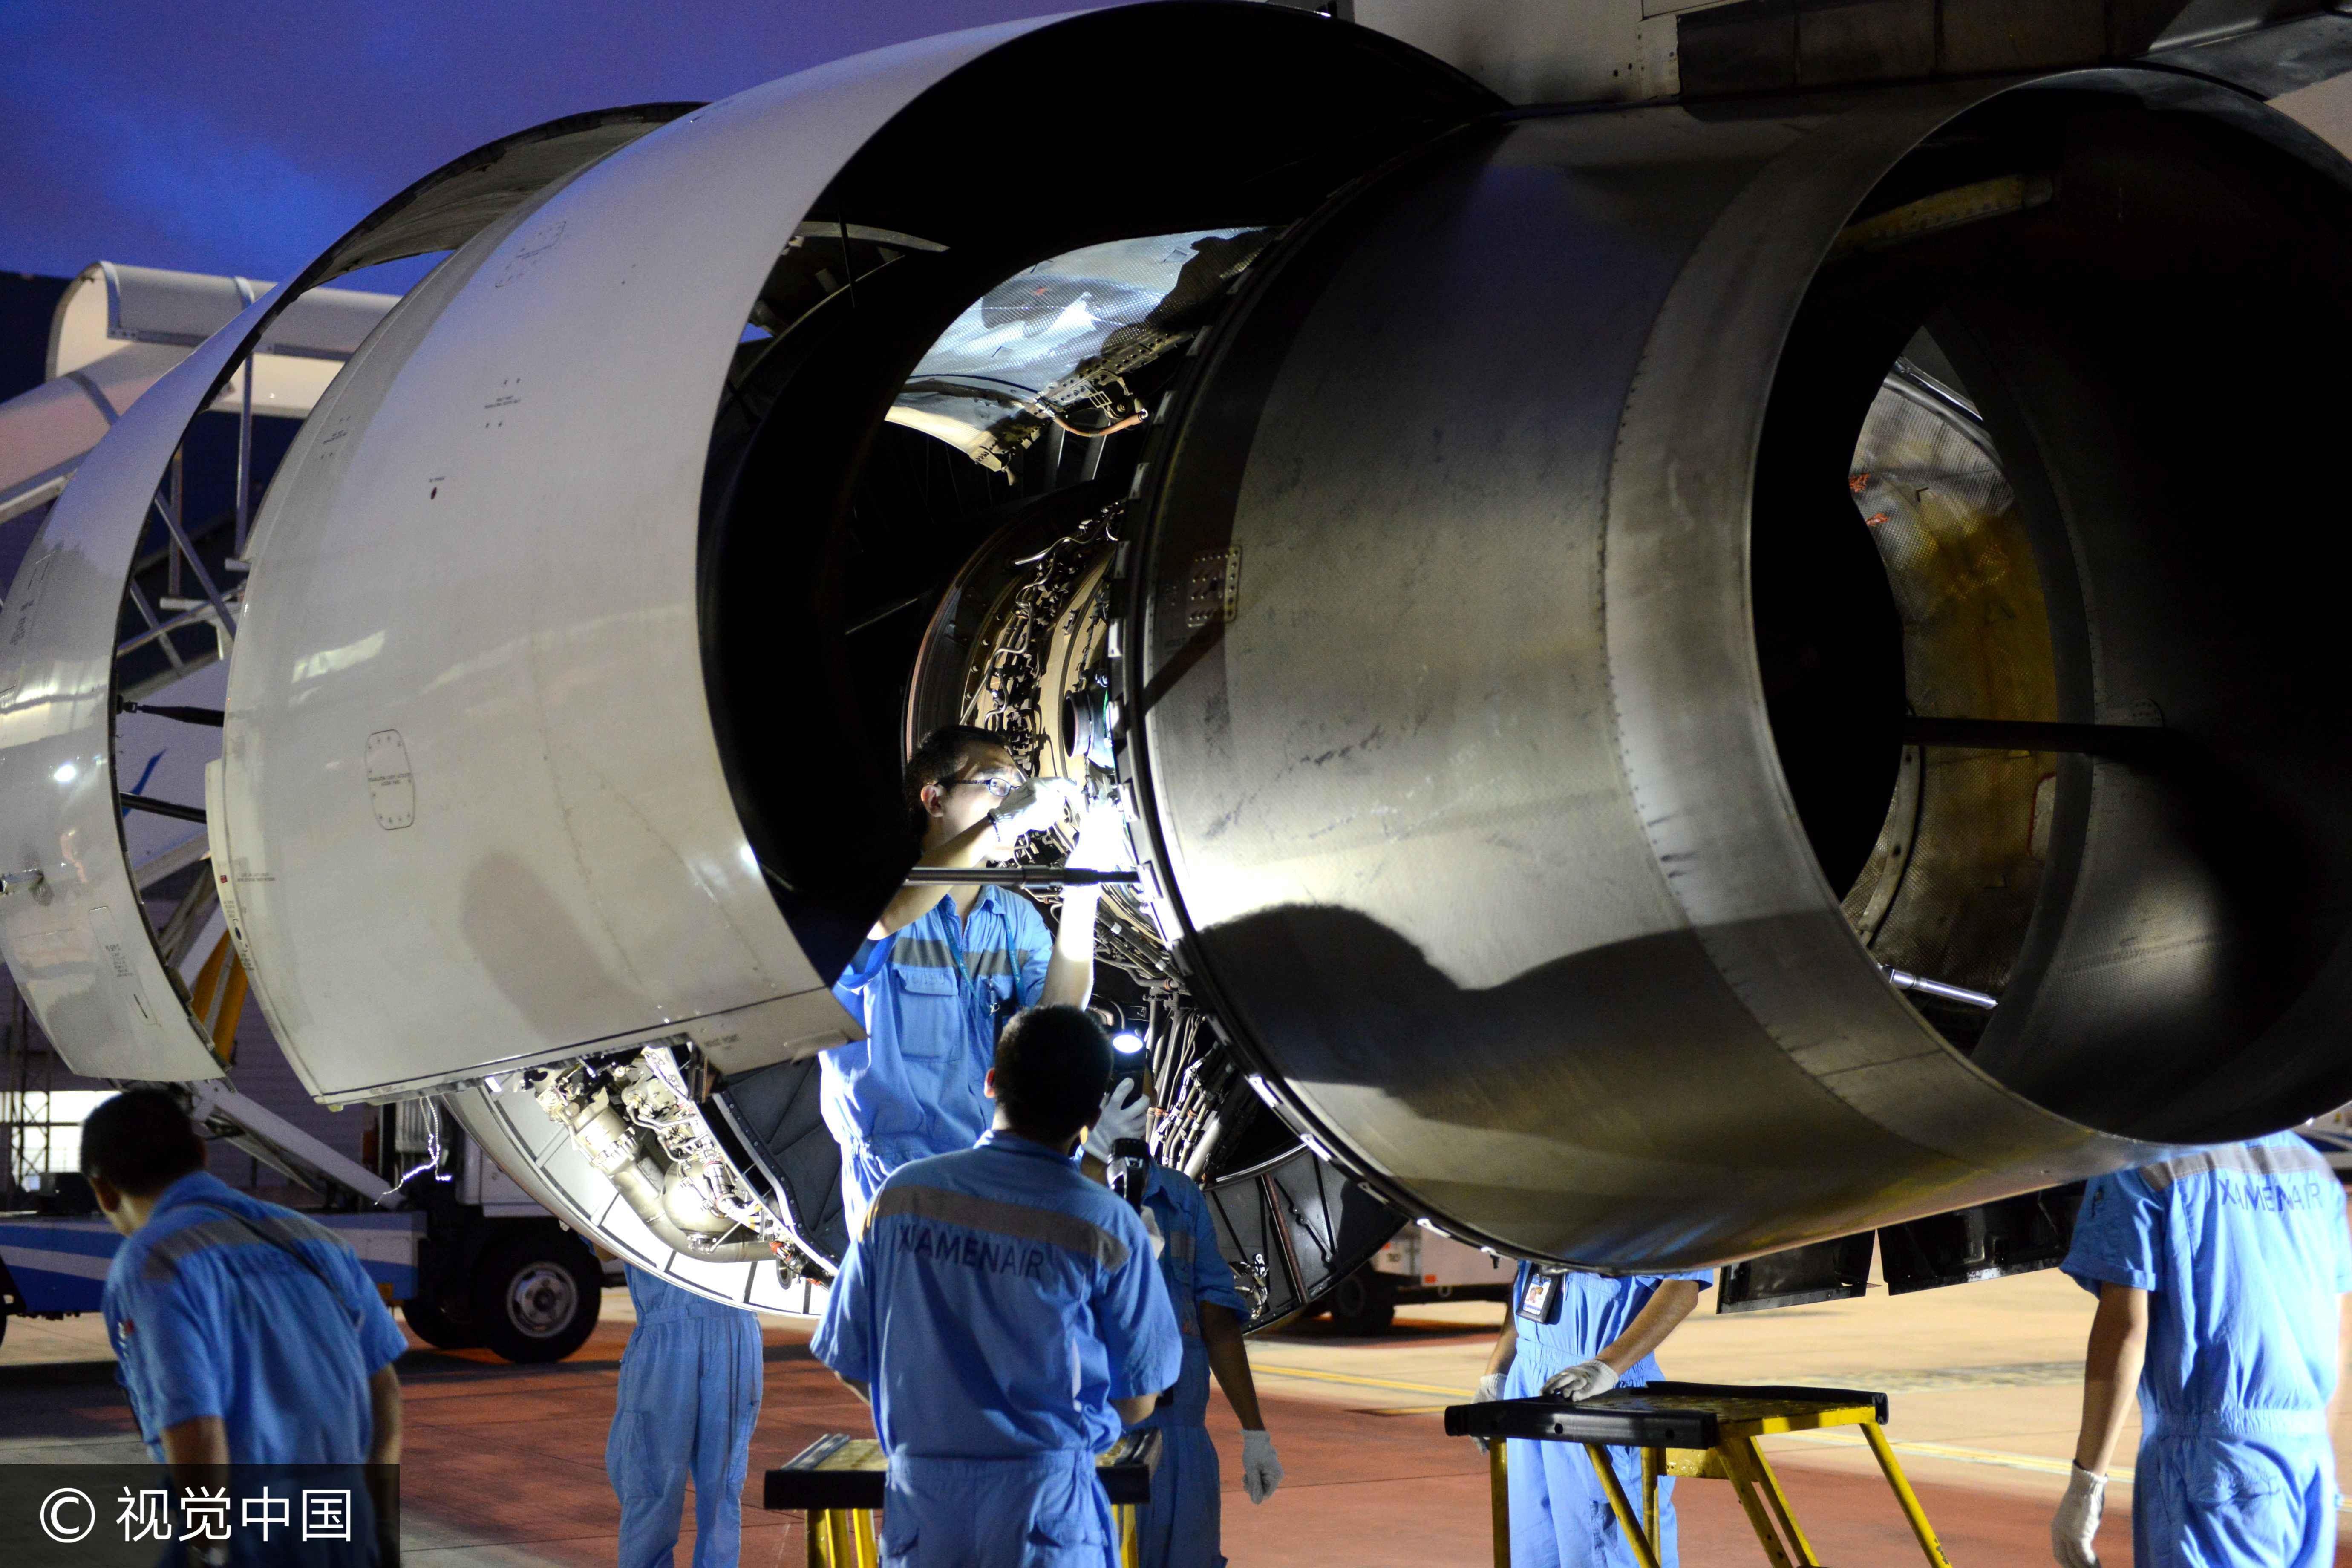 飛機,飛安,維修員,飛機維修員,維修工程師,飛機維修工程師(圖/視覺中國)